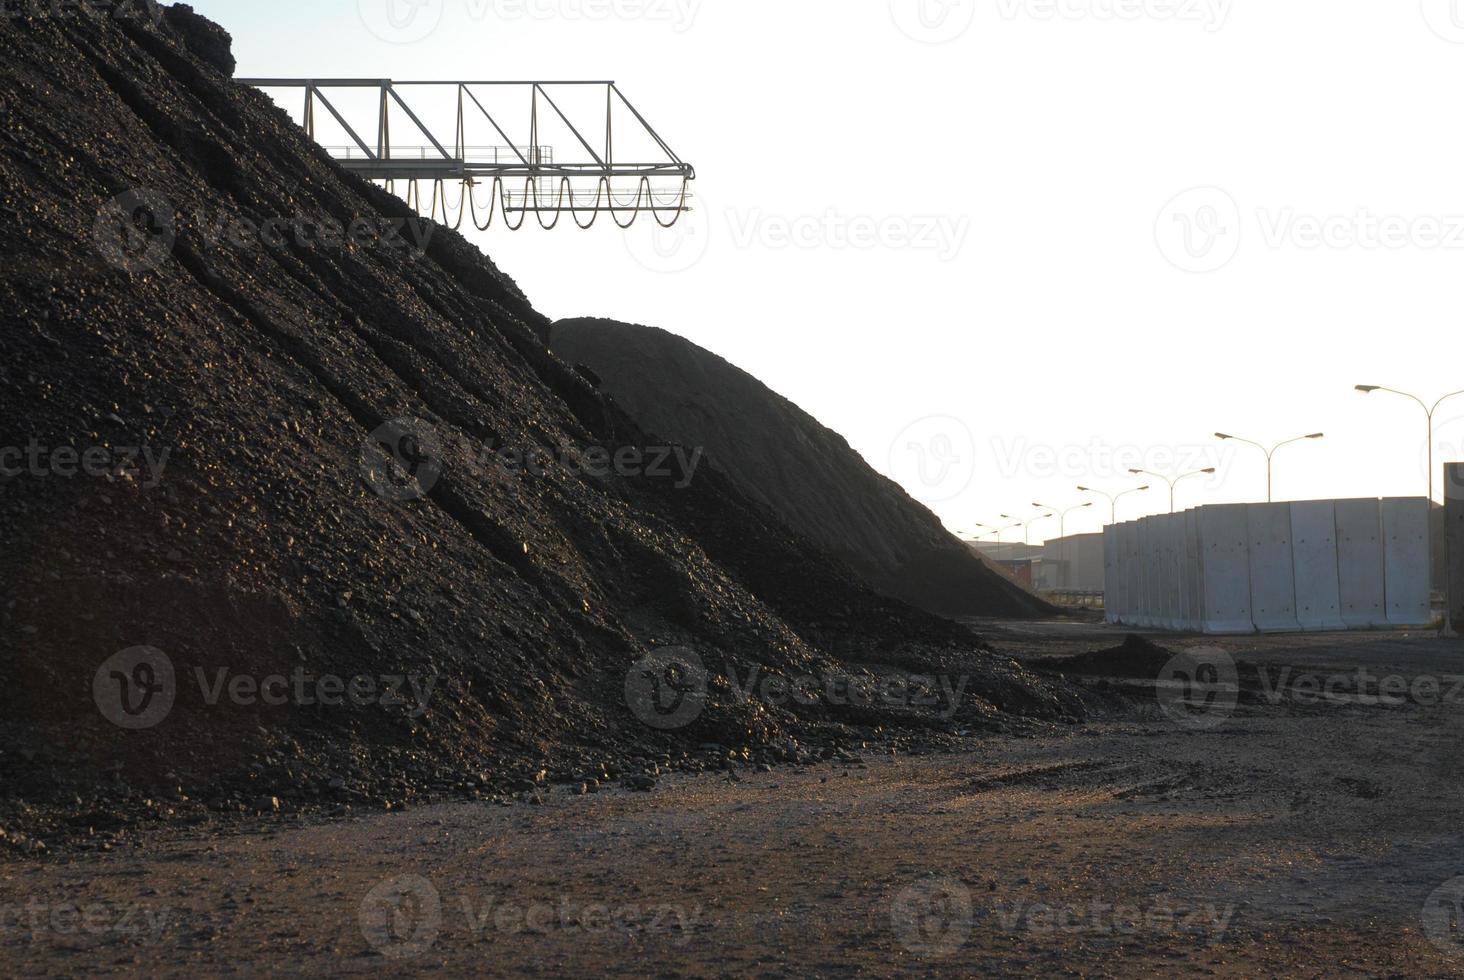 Montón de coque de hierro o rocas en el puerto foto